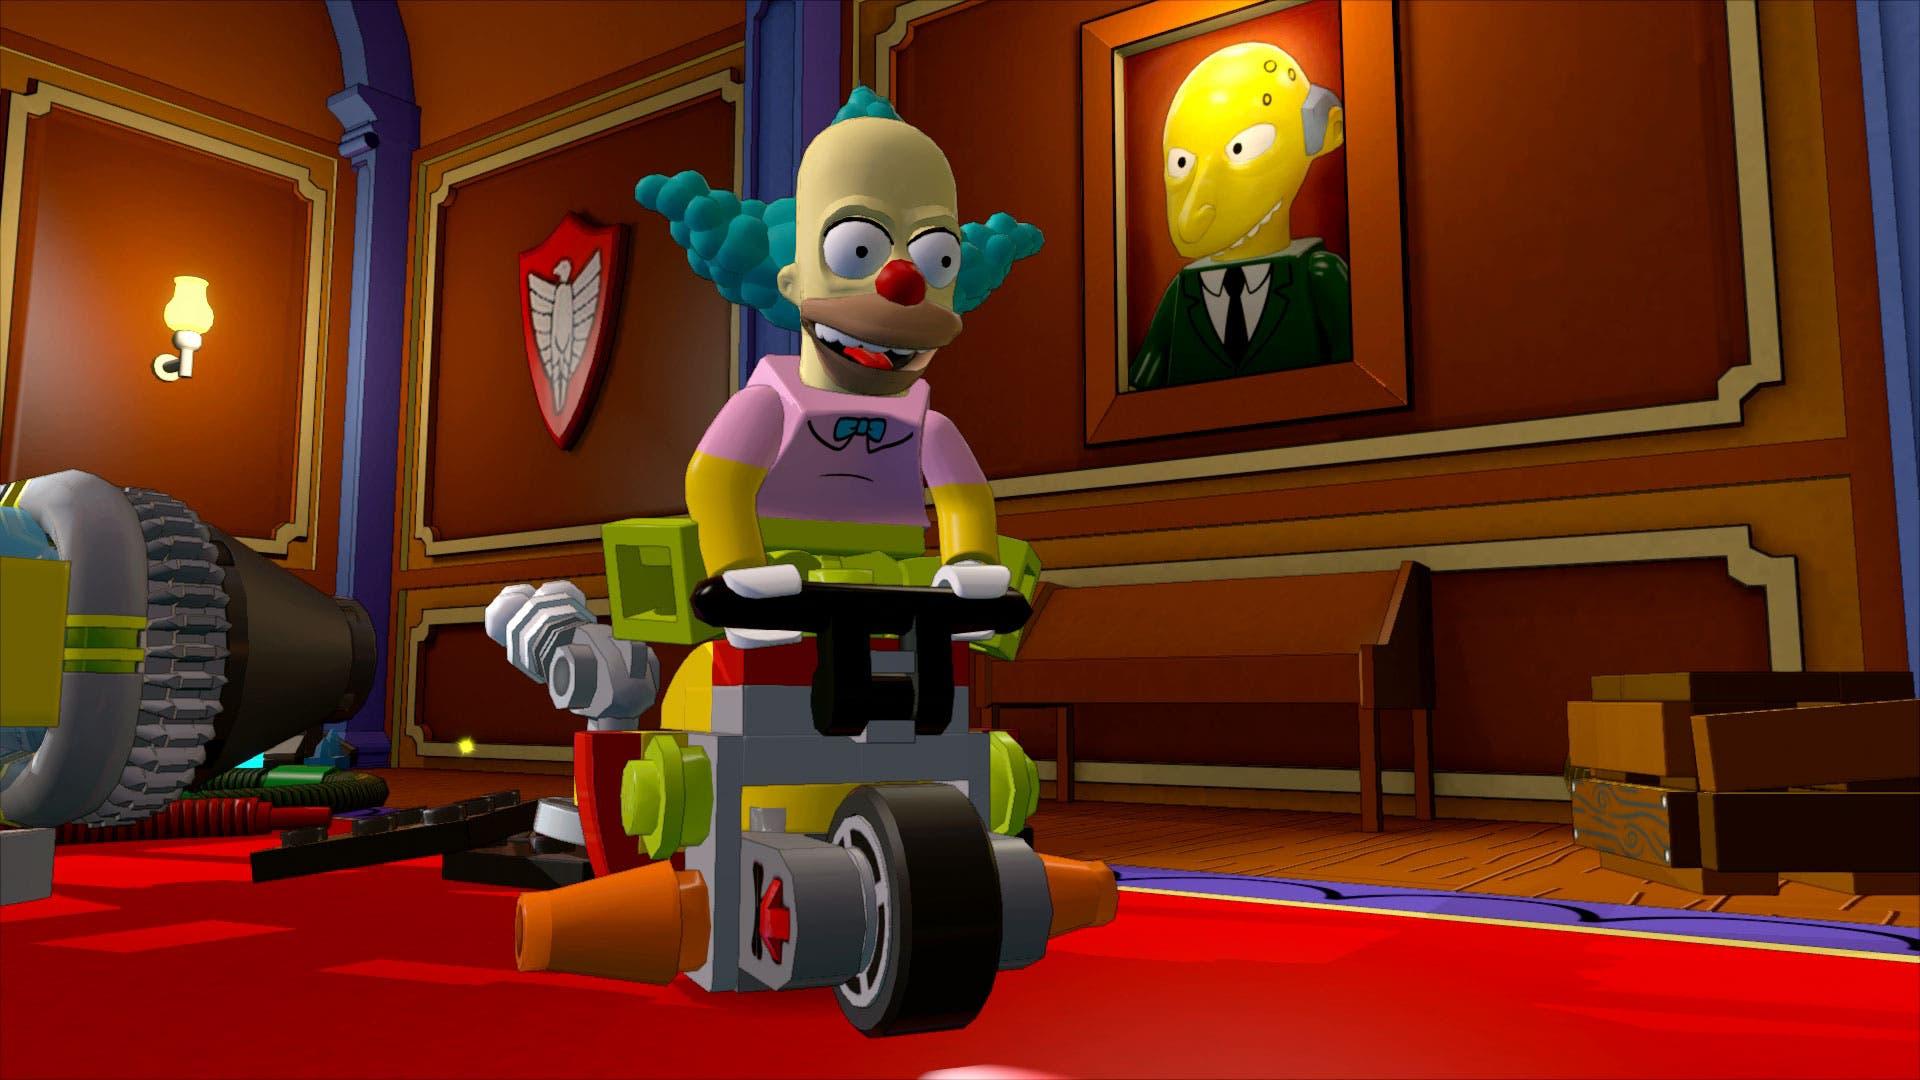 Los Simpsons Se Exhiben En Nuevas Imagenes De Lego Dimensions